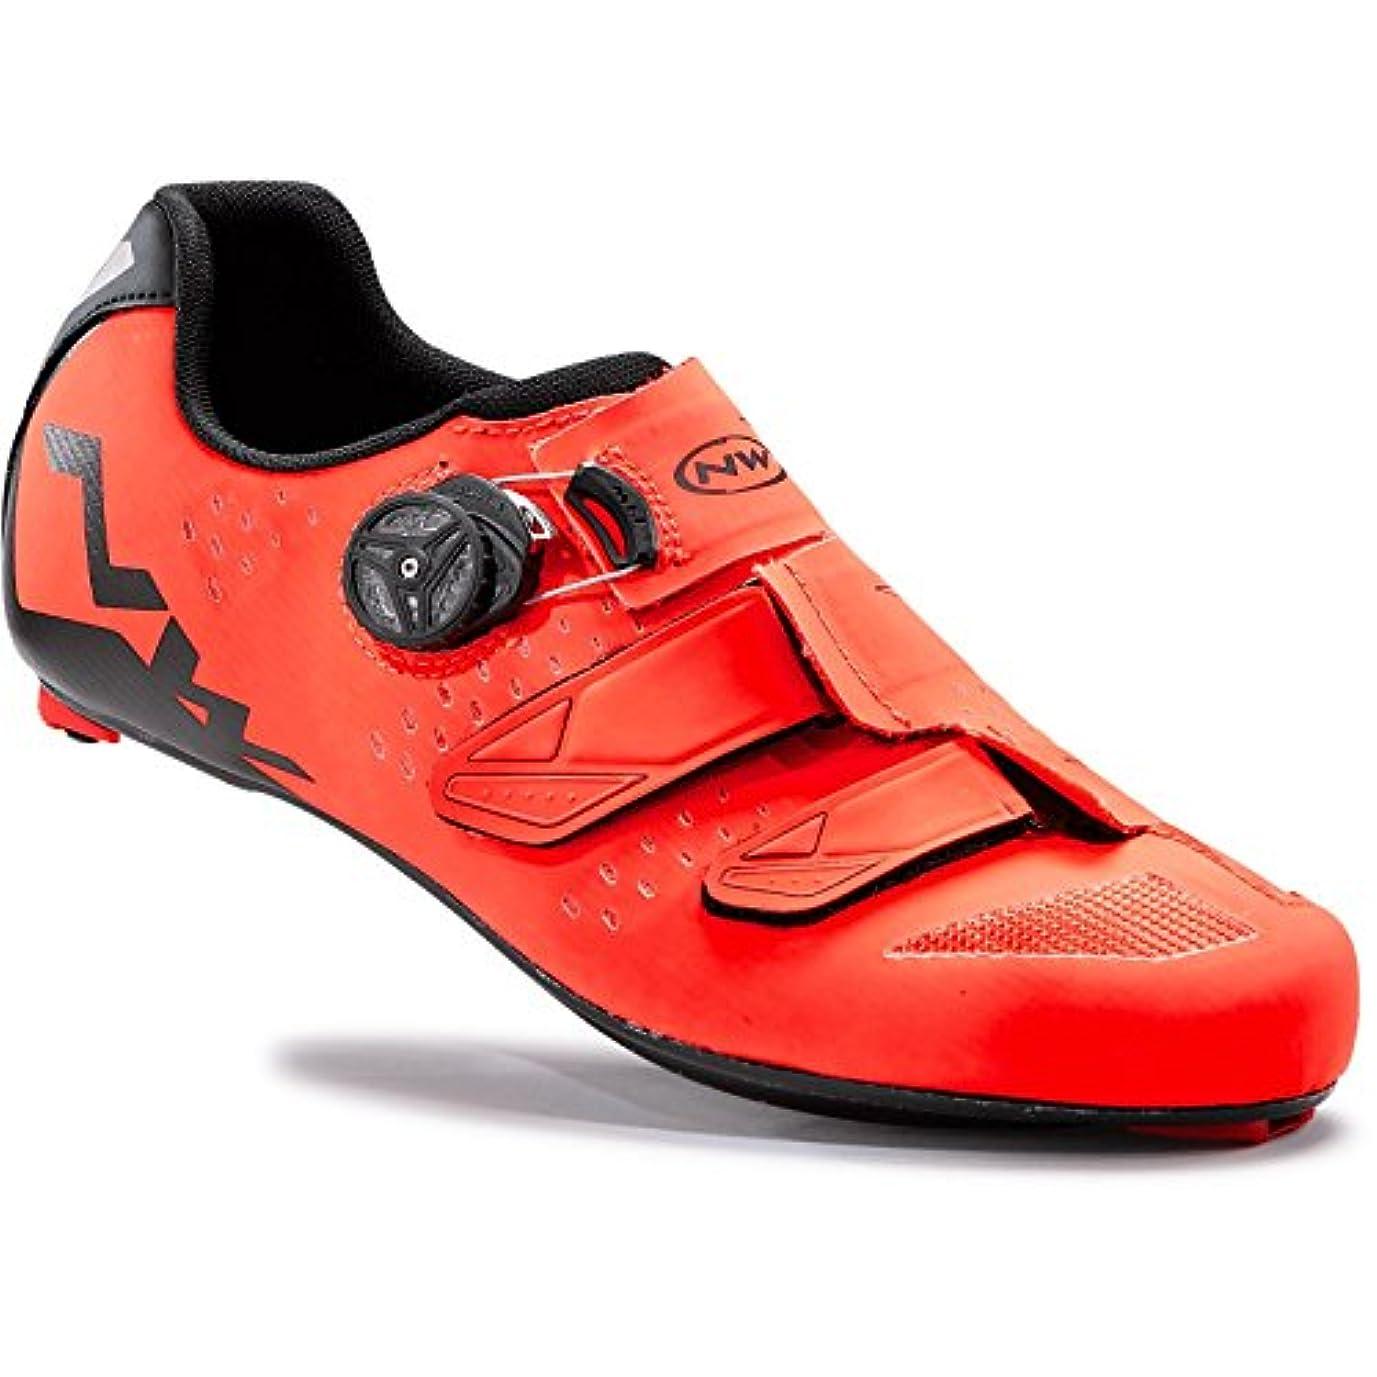 独占わかる靴ノースウェーブ PHANTOM CARBON 73.ロブスターオレンジ/ブラック シューズ 44